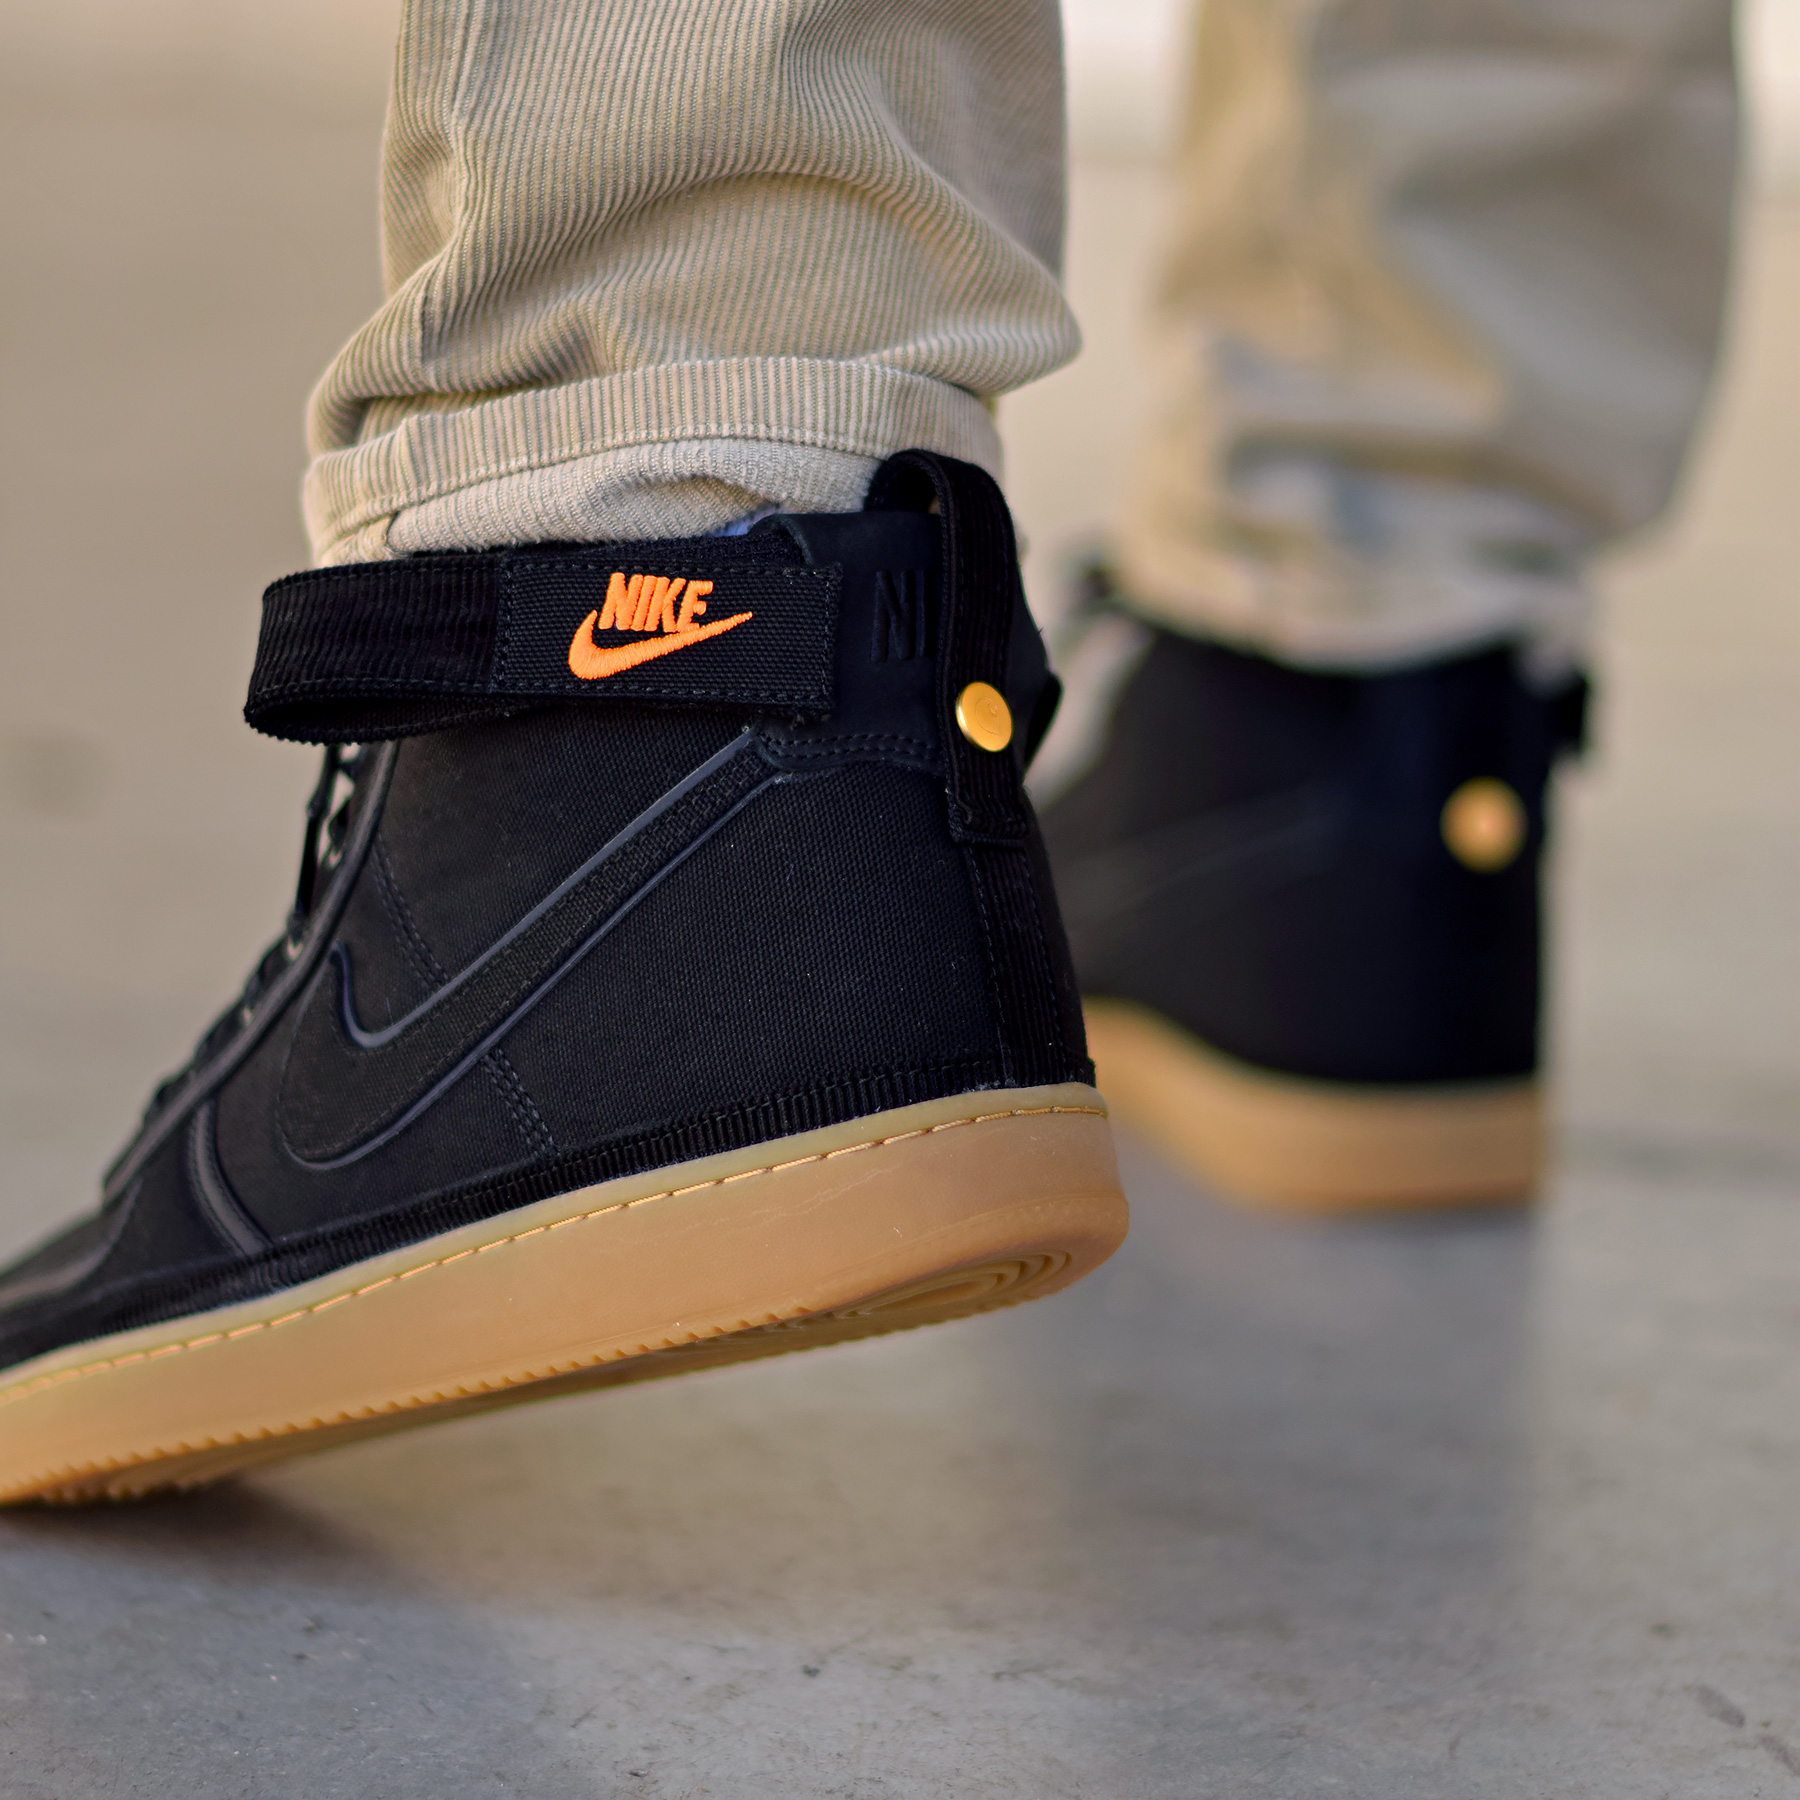 Carhartt WIP x Nike Vandal High Supreme